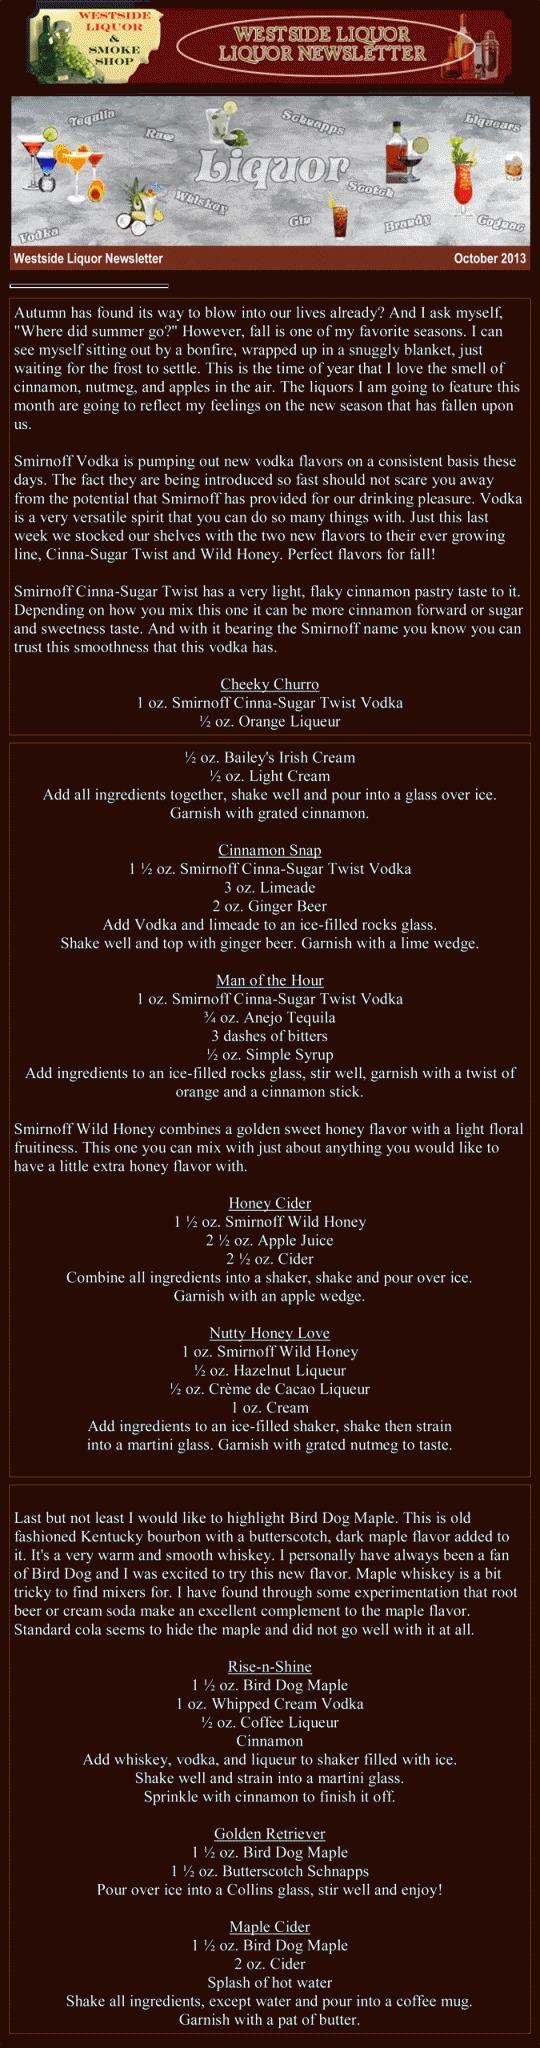 October 2013 Liquor Newsletter